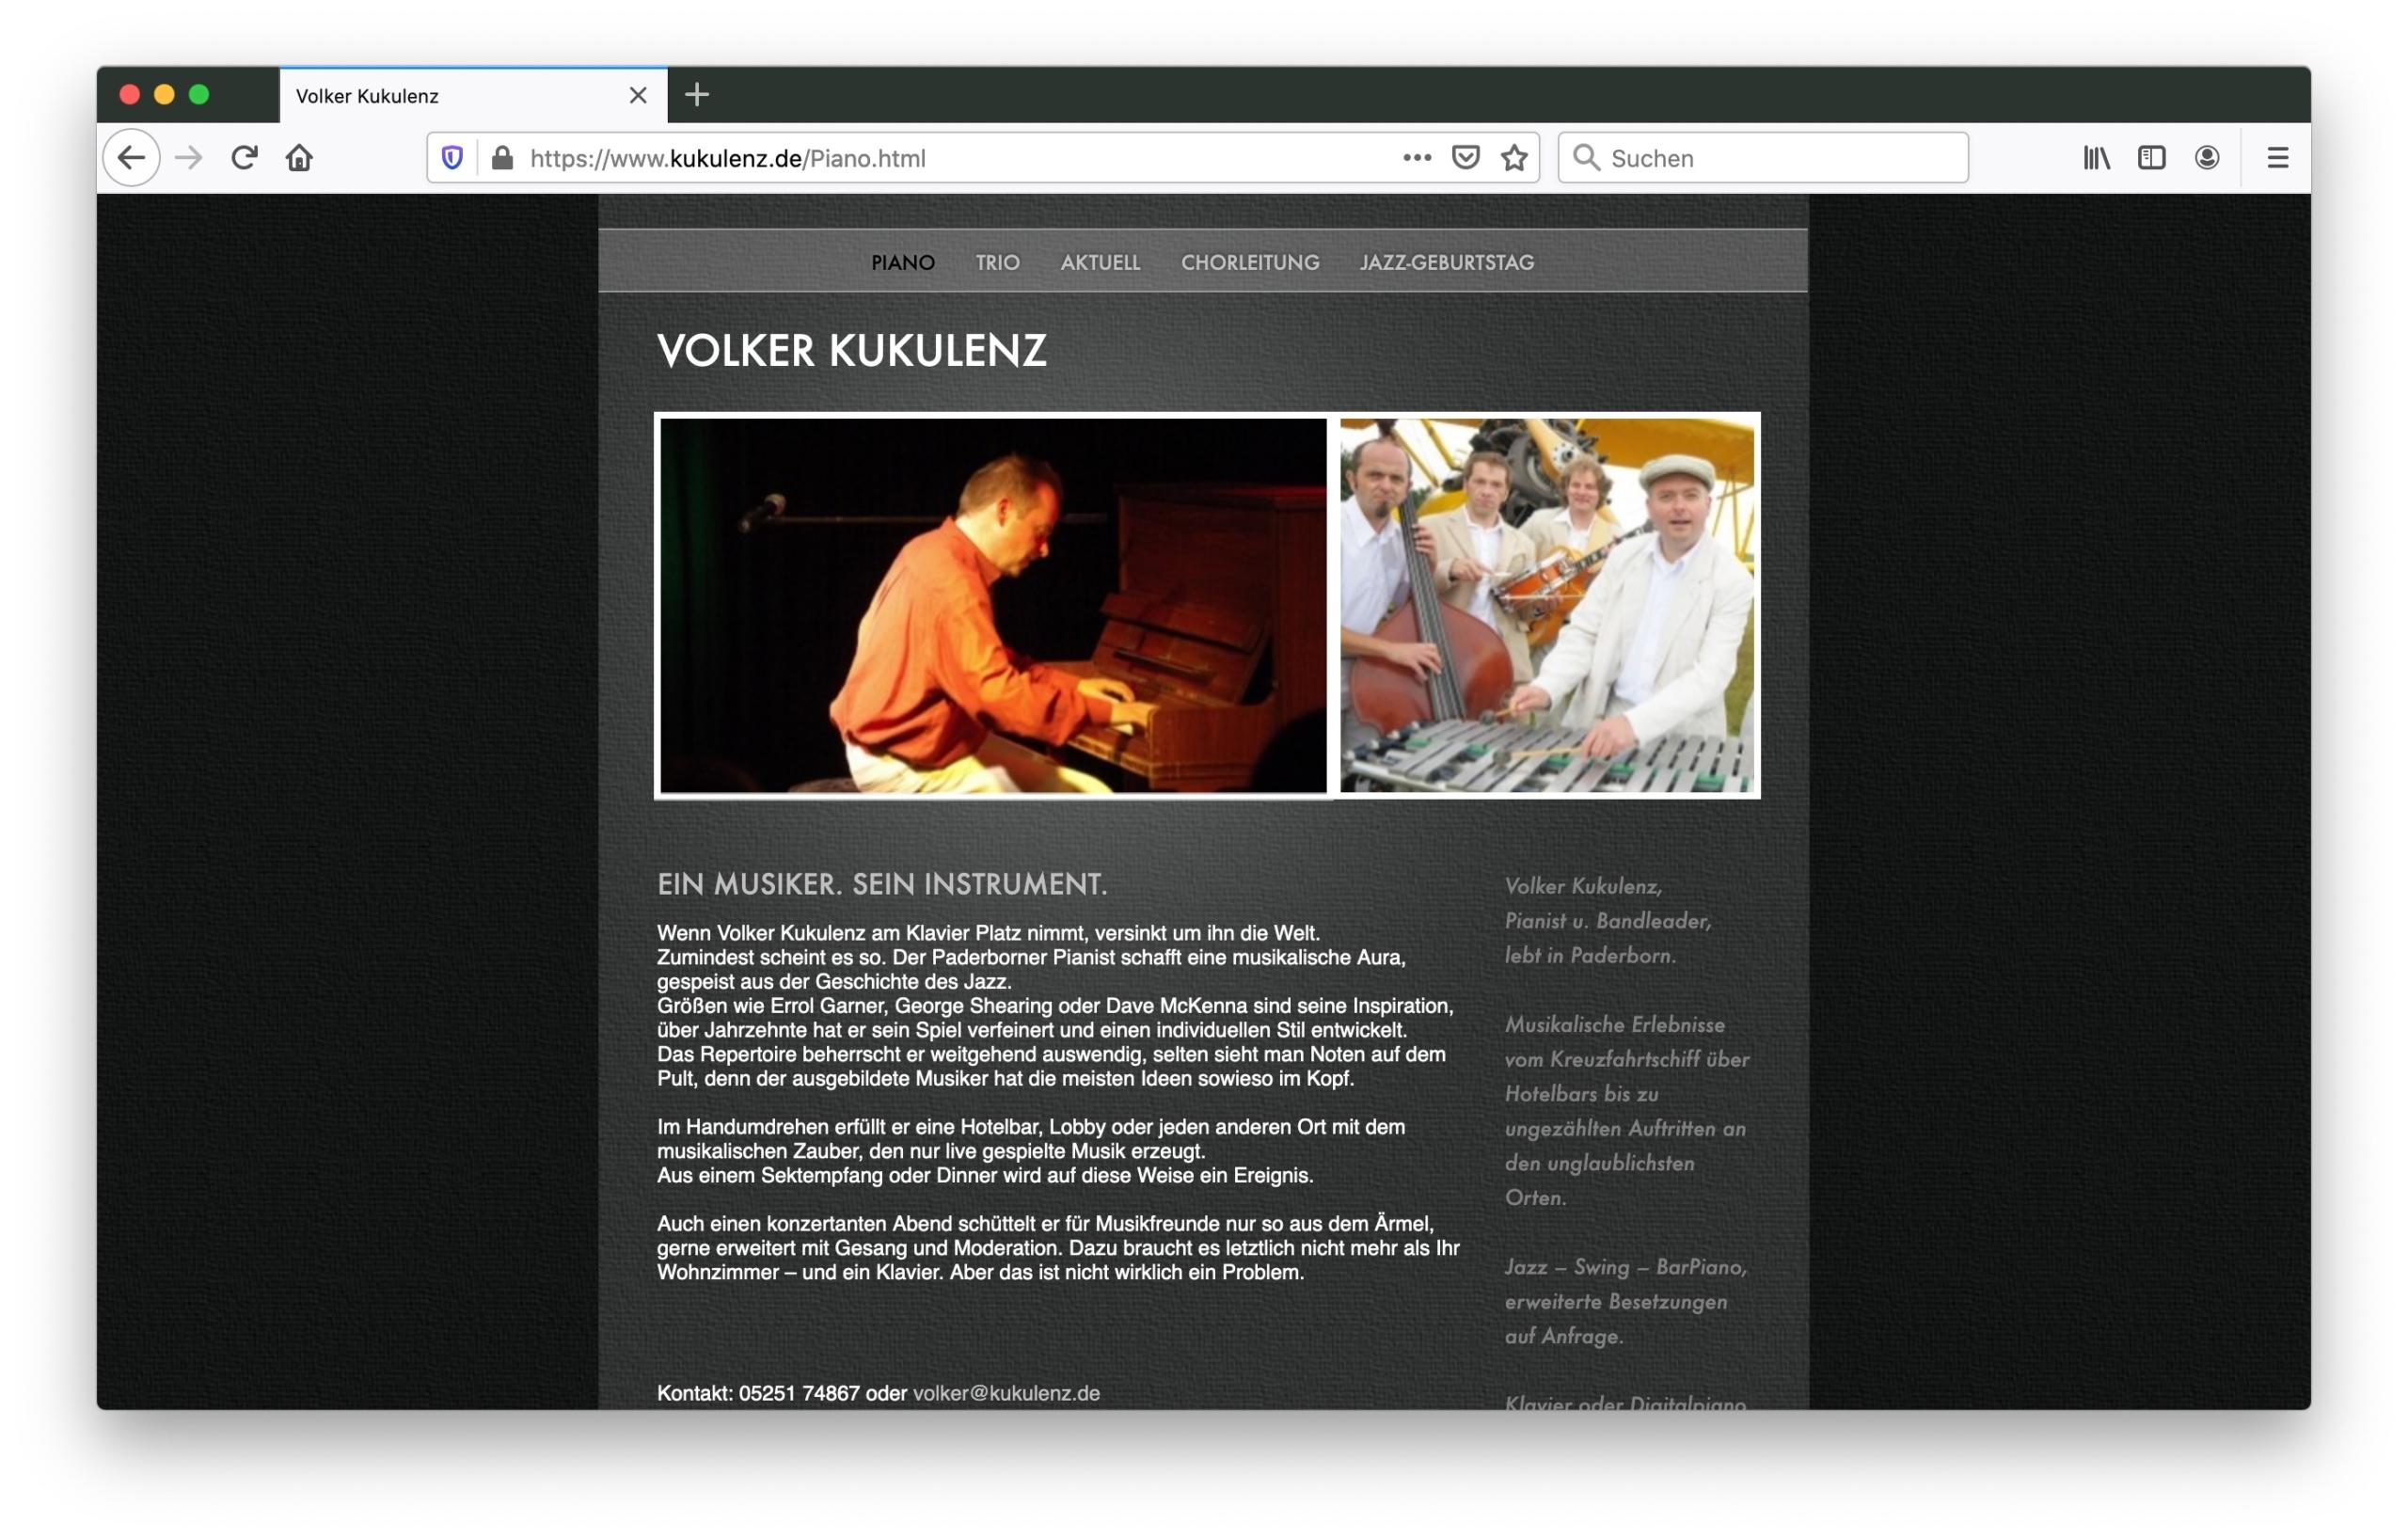 Screenshot Volker Kukulenz